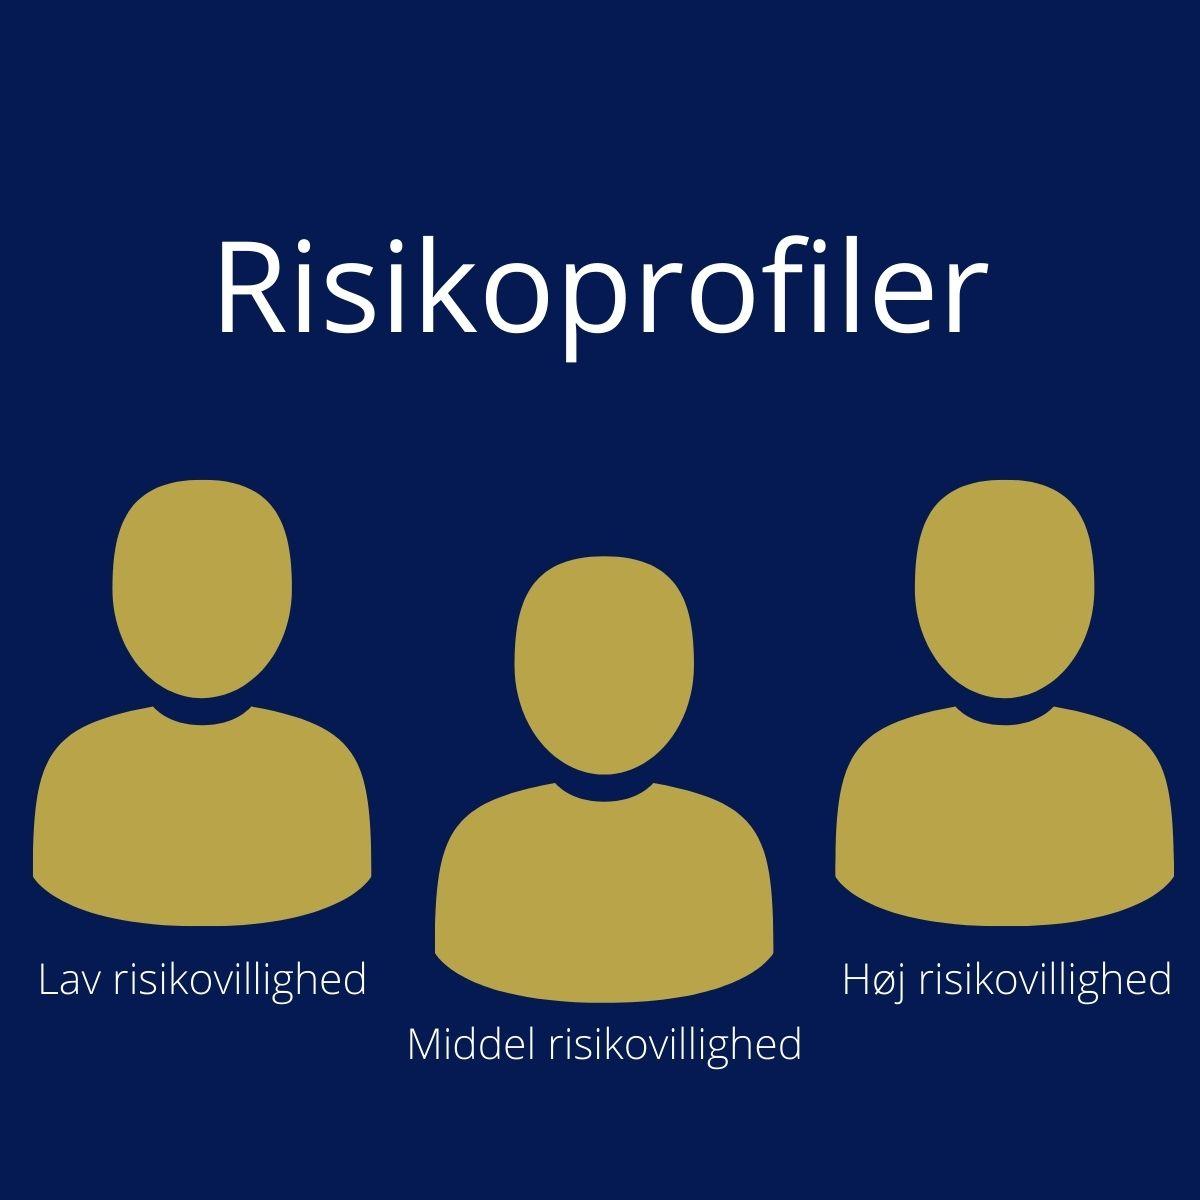 Risikoprofiler, hvor risikovillig er du